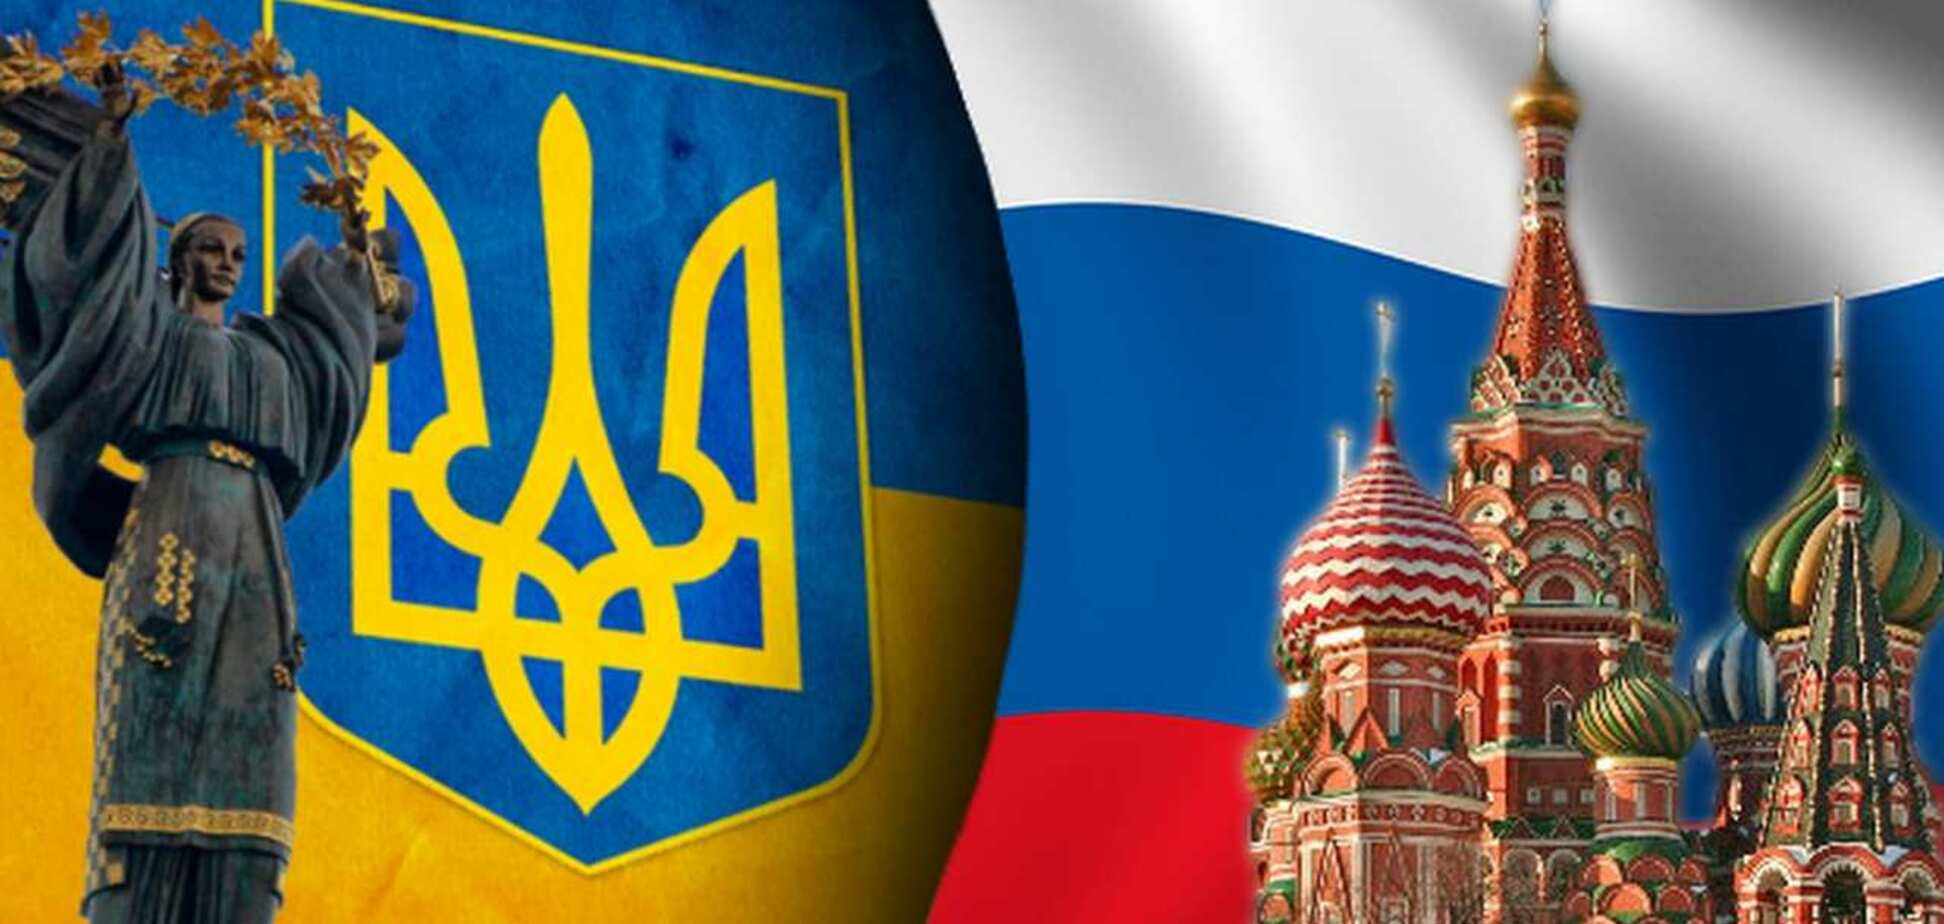 Названо керівника проросійської 'п'ятої колони' в Україні